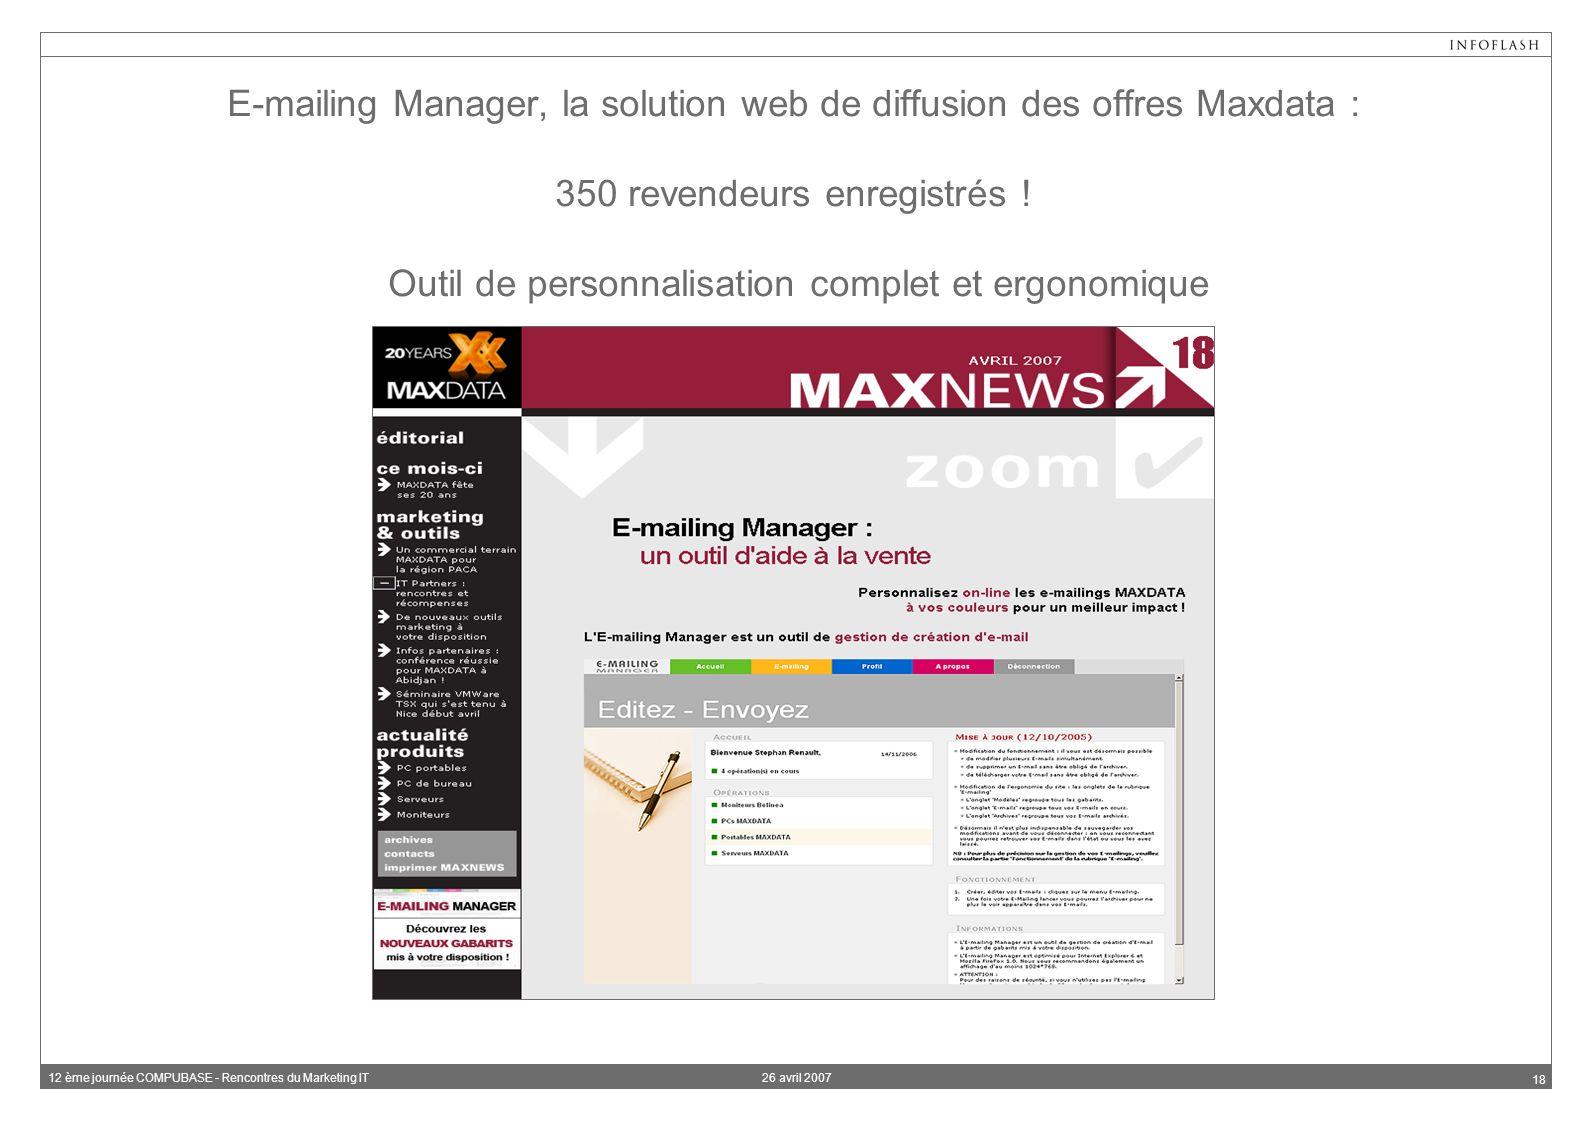 26 avril 200712 ème journée COMPUBASE - Rencontres du Marketing IT 18 E-mailing Manager, la solution web de diffusion des offres Maxdata : 350 revendeurs enregistrés .